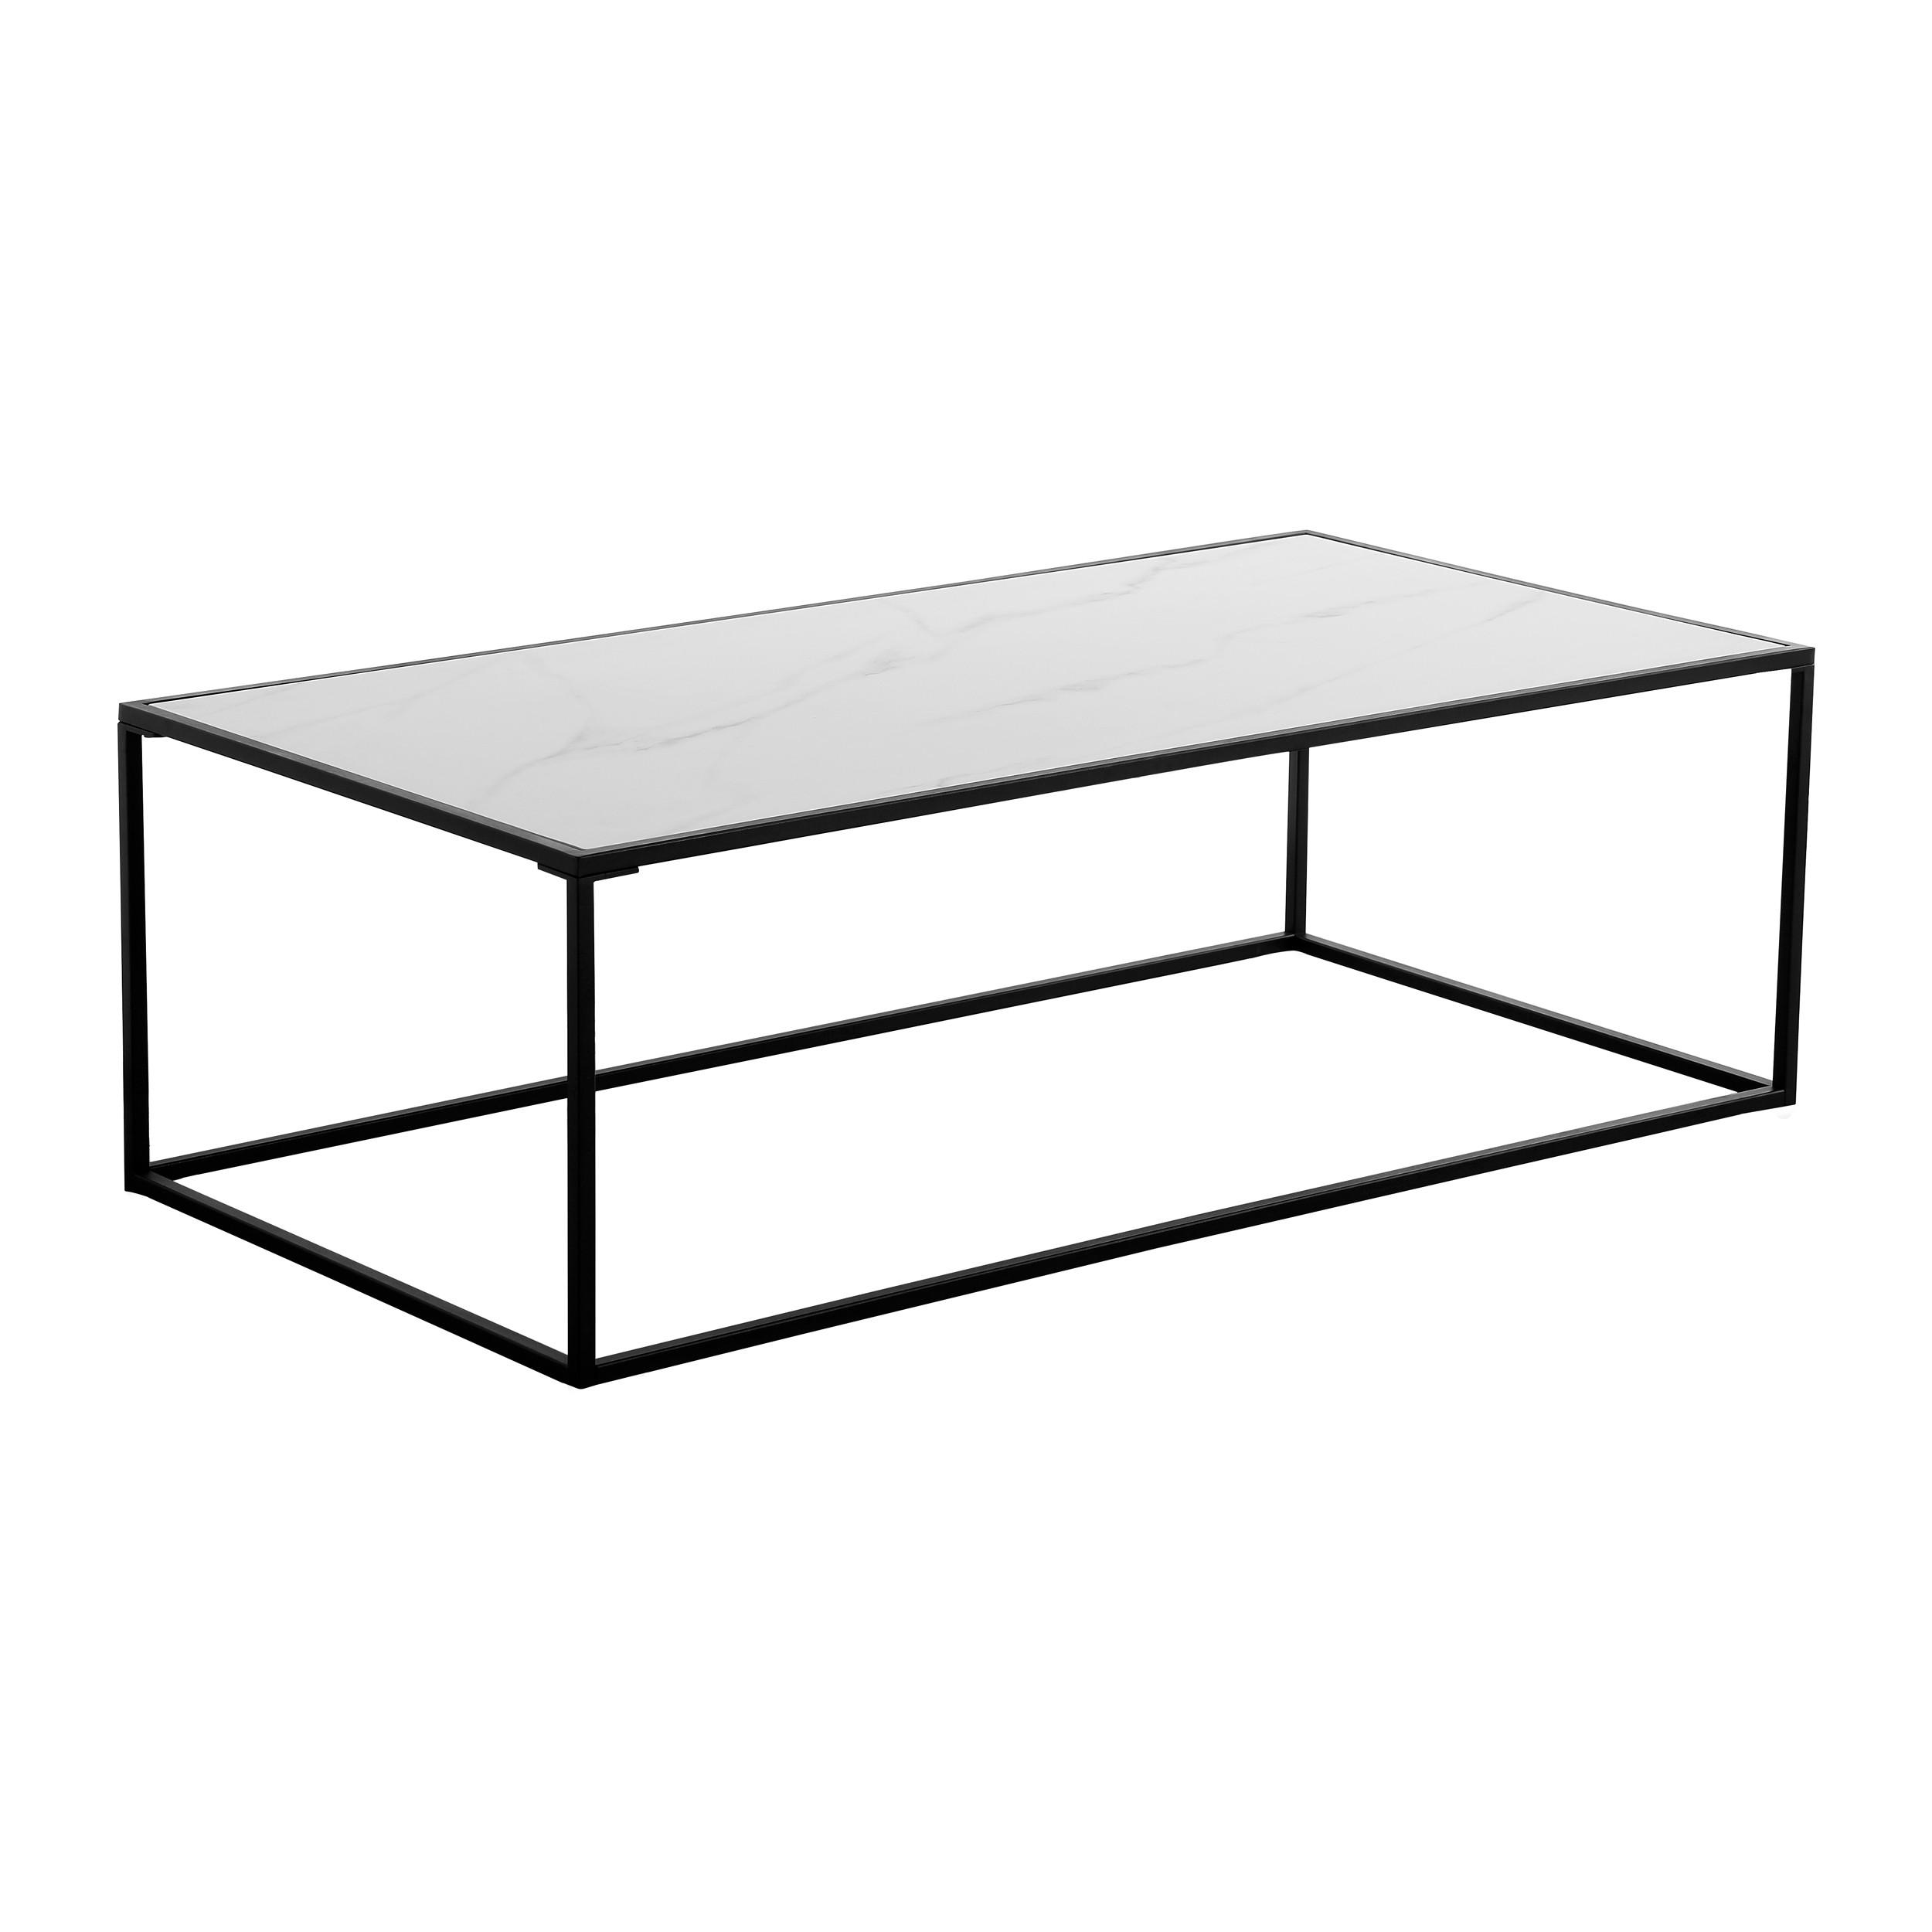 table basse rectangulaire komis en verre et ceramique